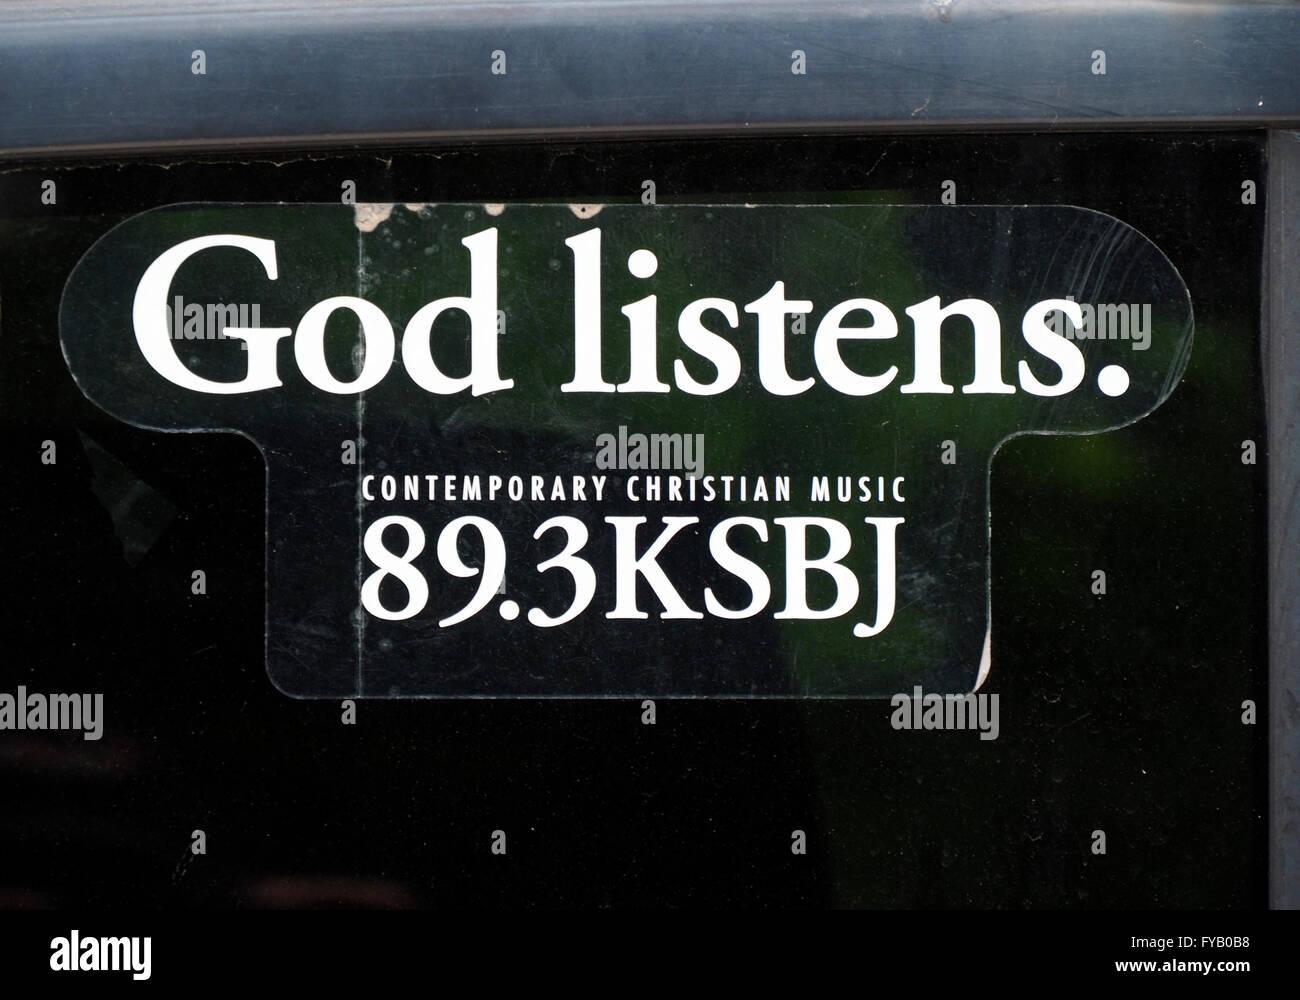 God Listens - Stock Image